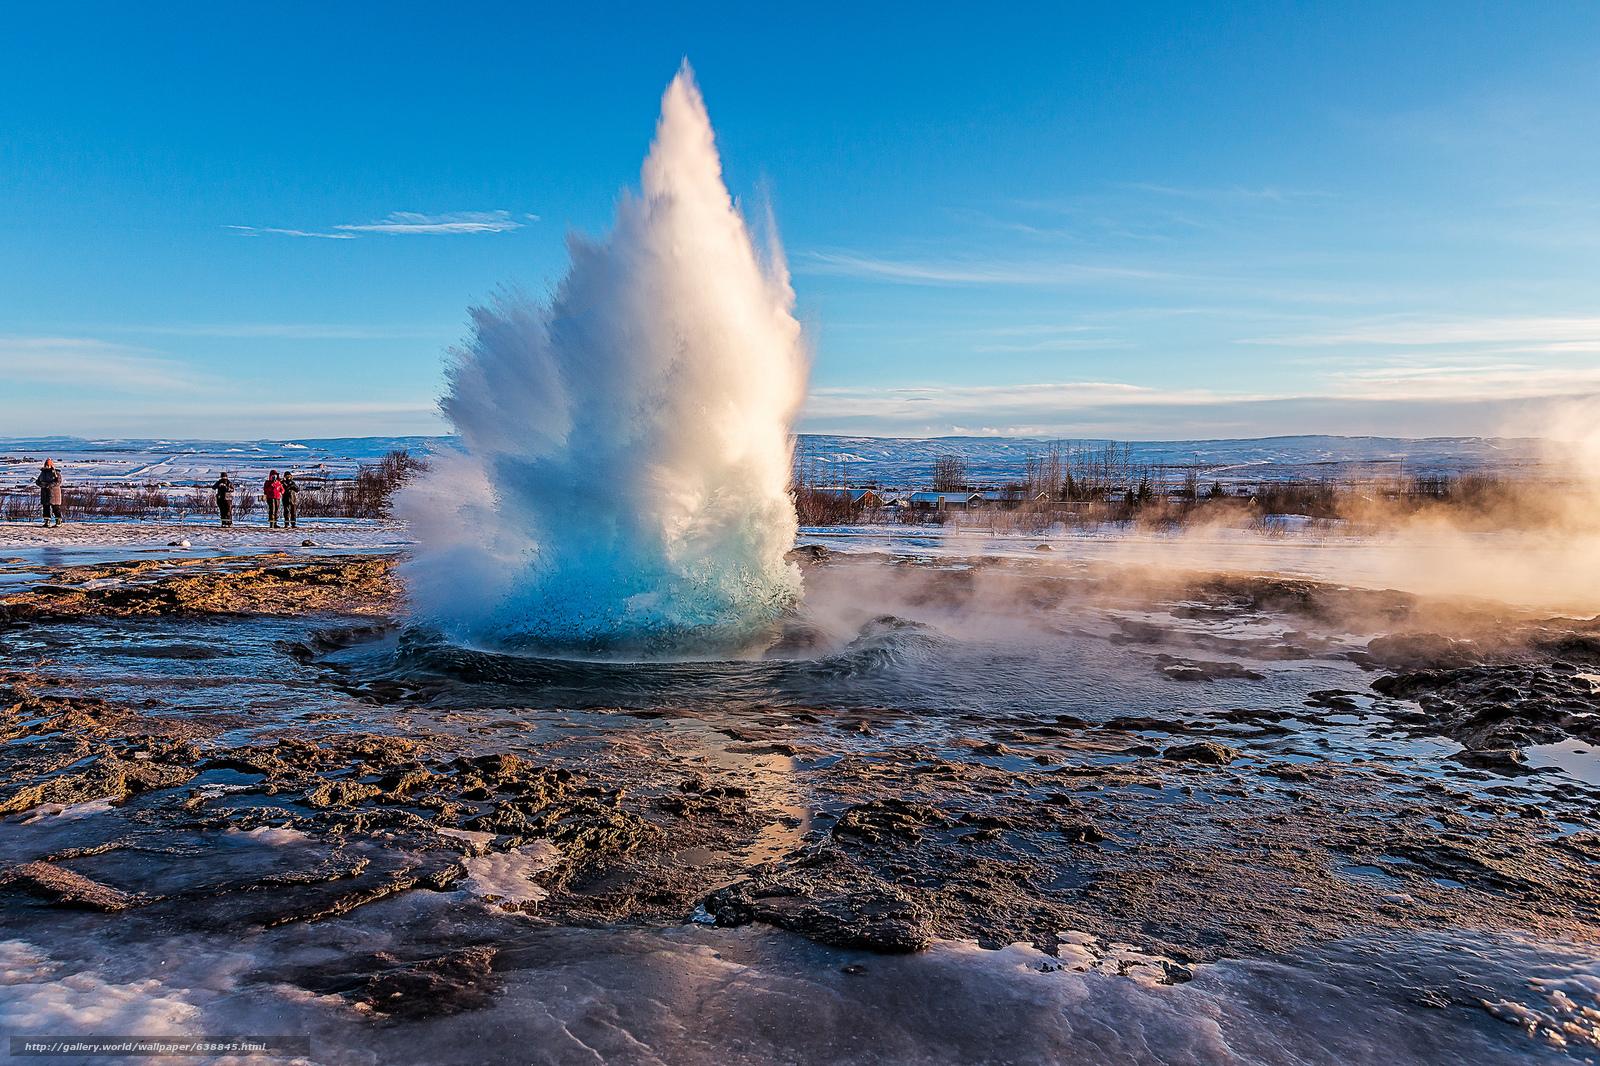 La sorgente calda, Strokkur, erutta circa ogni dieci minuti: uno spettacolo fantastico per i fotografi e per gli amanti della natura.